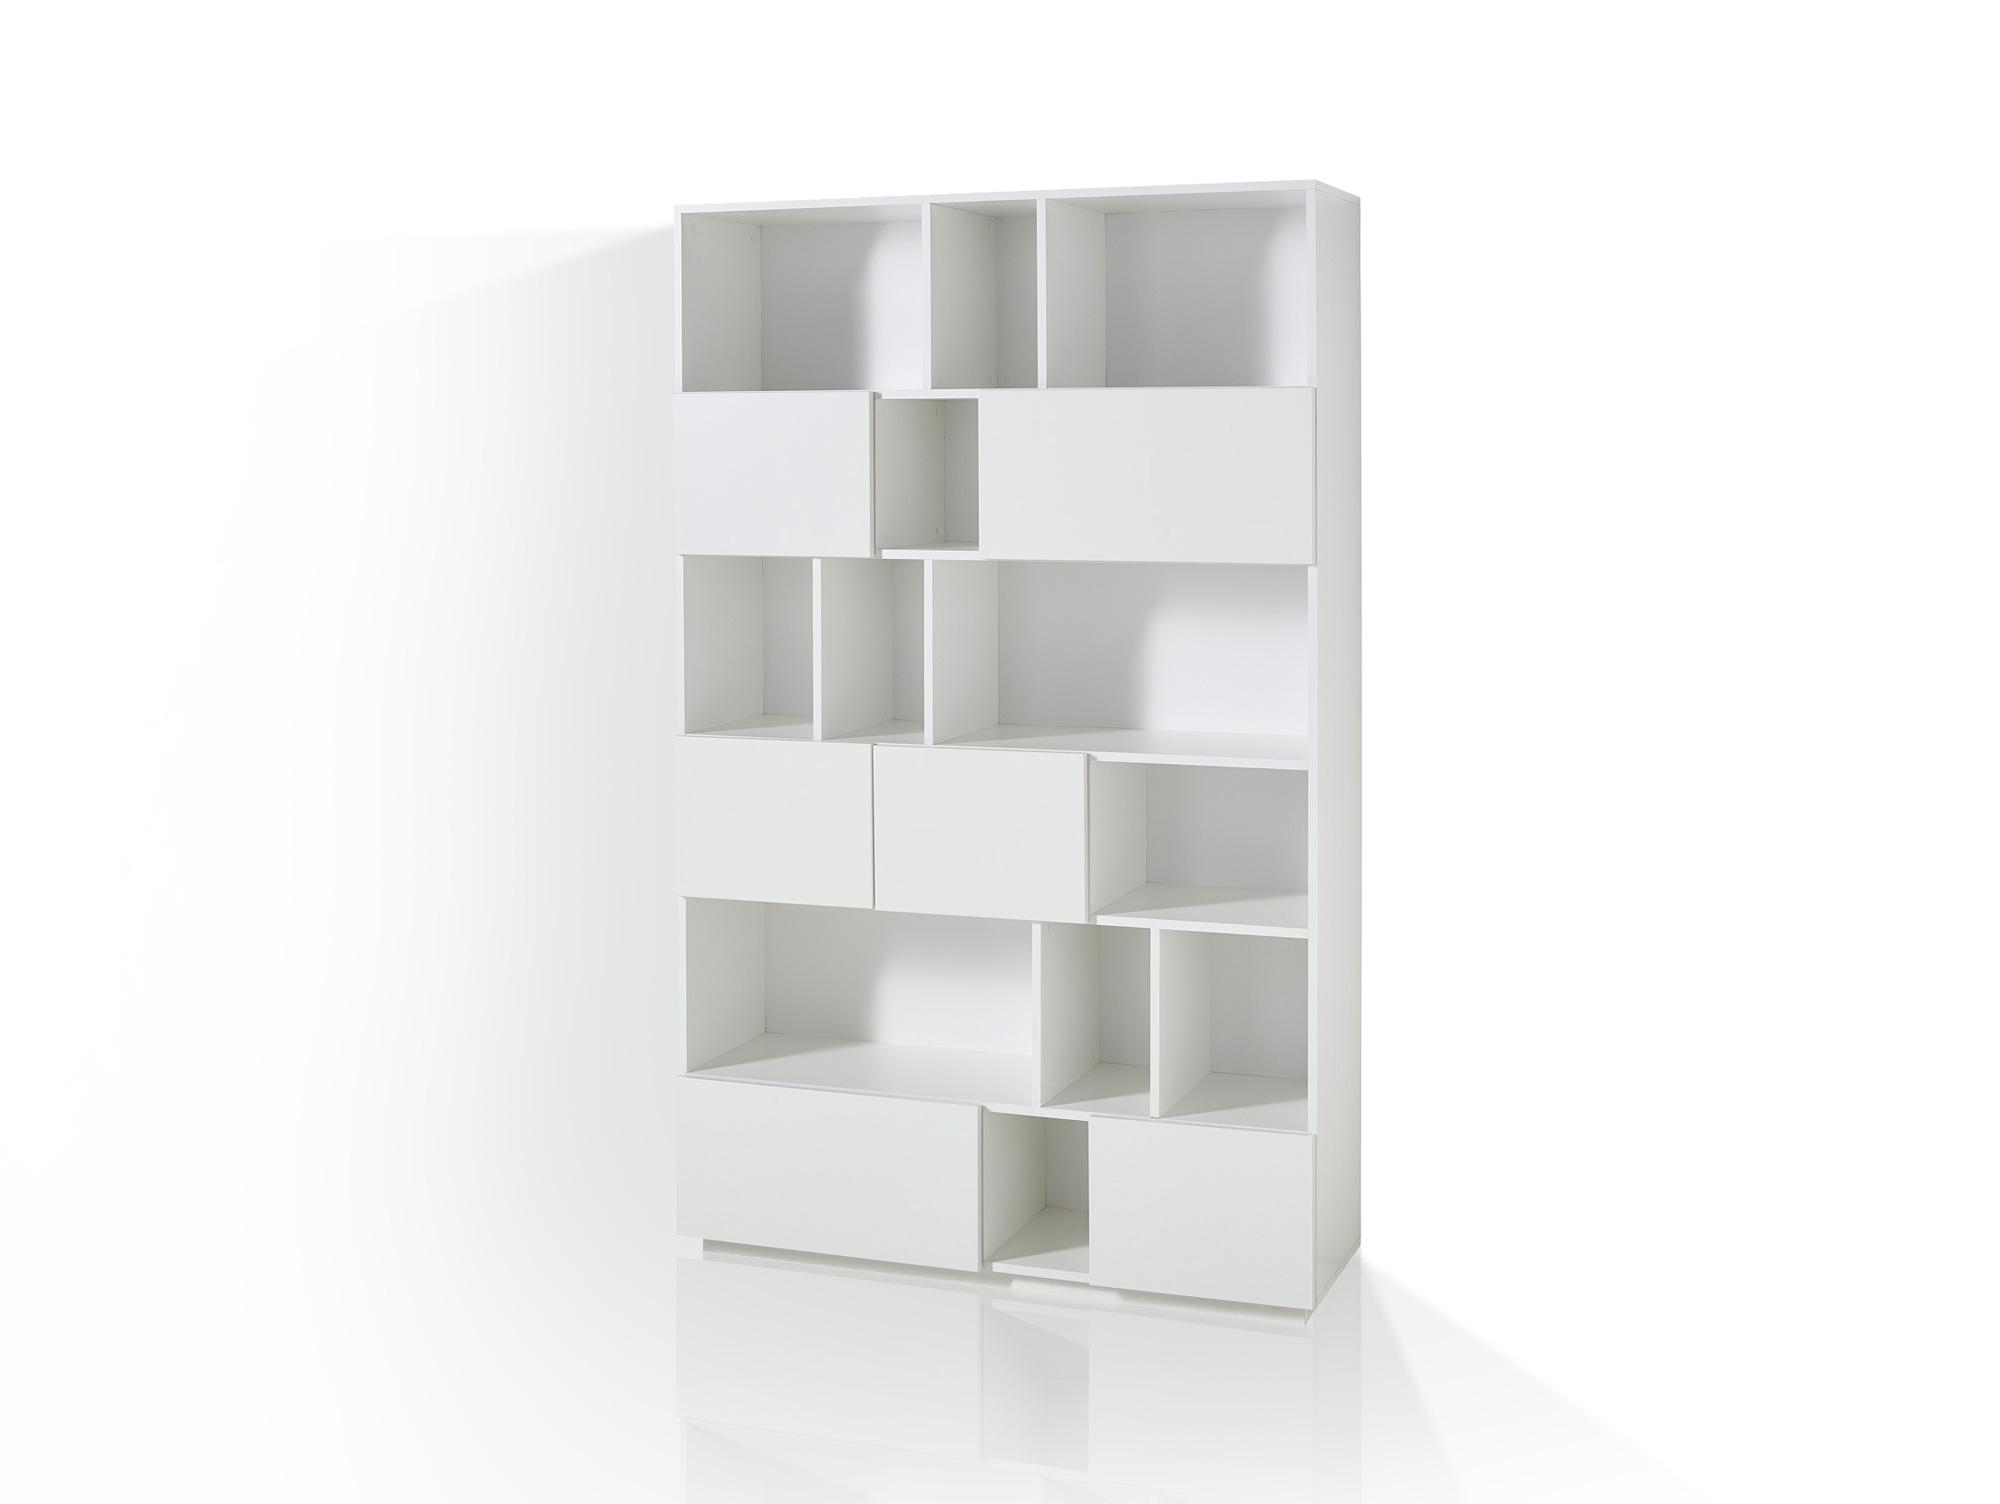 RAMIRO Regal / Raumteiler, Breite 120 cm, Material MDF weiss